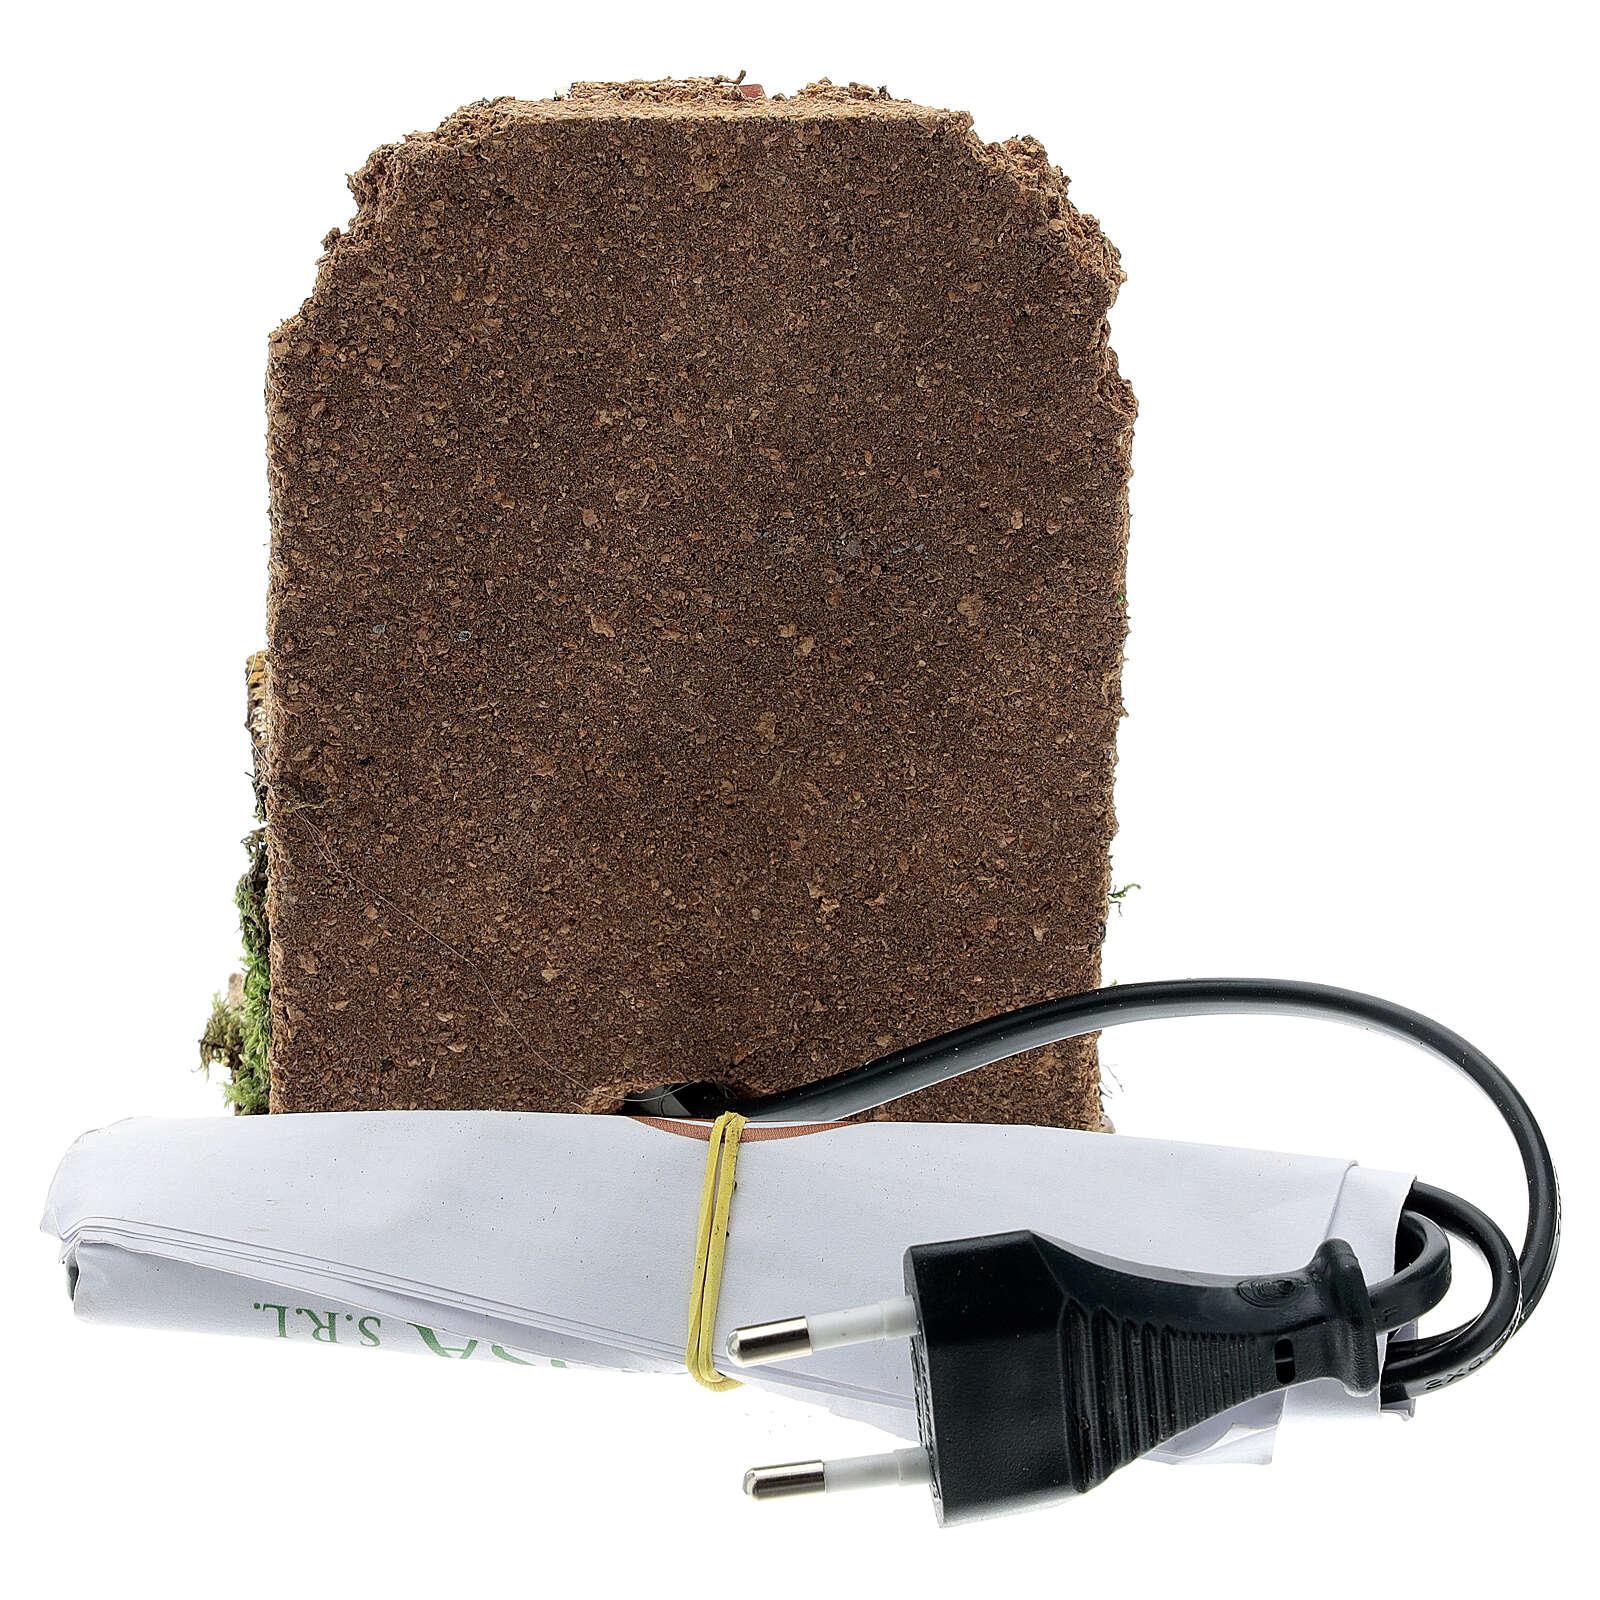 Forno a legna presepe muretto luce EFFETTO FIAMMA 15x10x5 presepe 8-10 cm 4